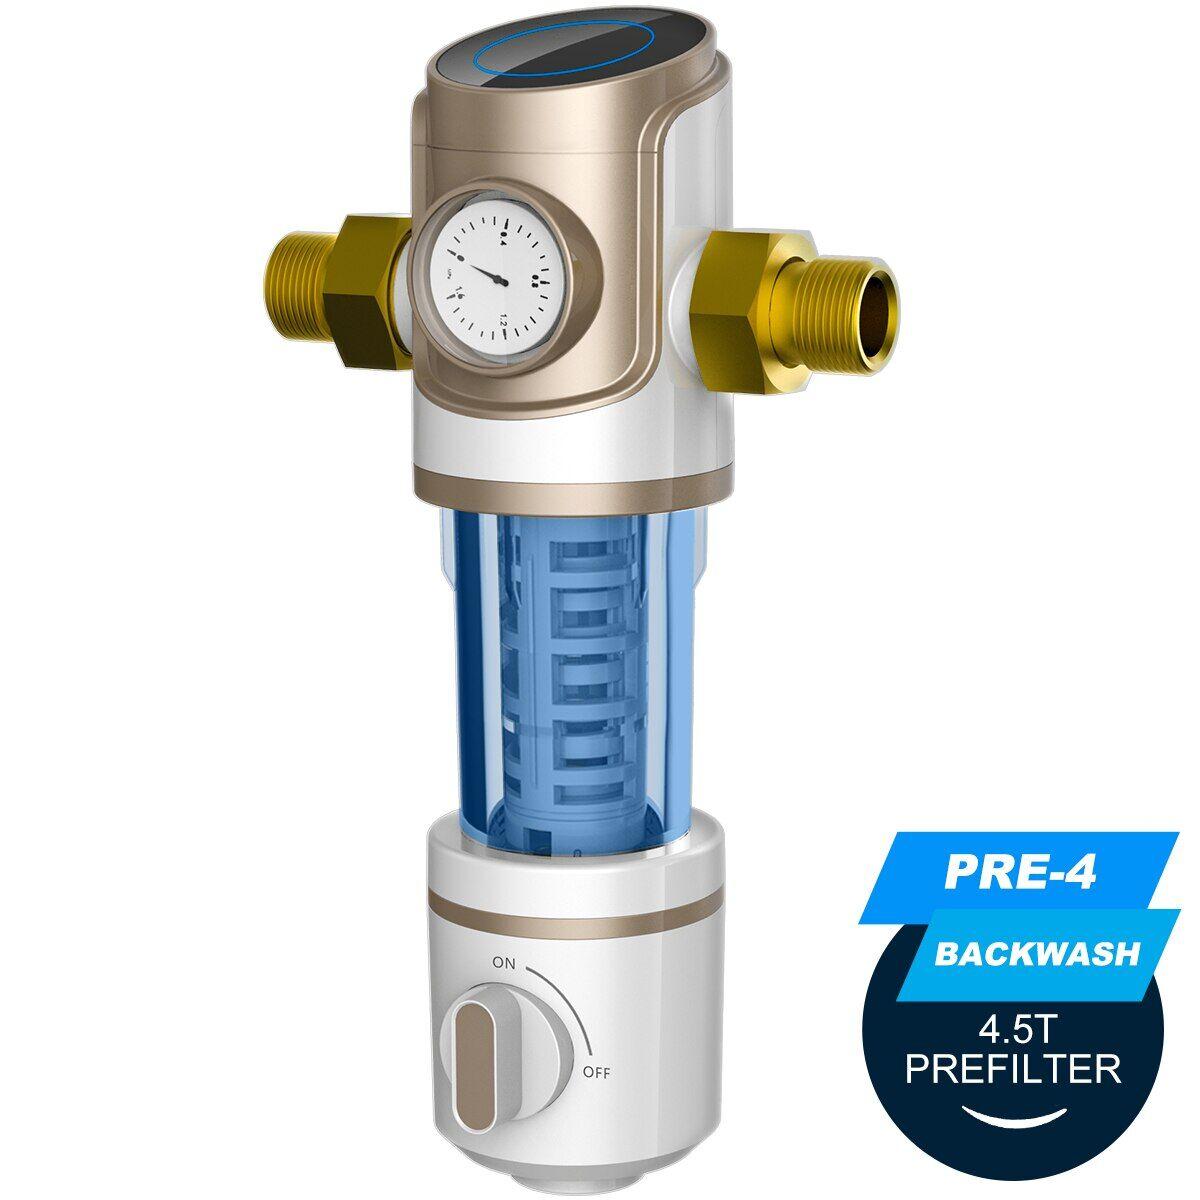 AliExpress ALTHY PRE-4 Préfiltre Centrale Toute la Maison Pré filtre Filtre À Eau Purificateur Siphon rinçage